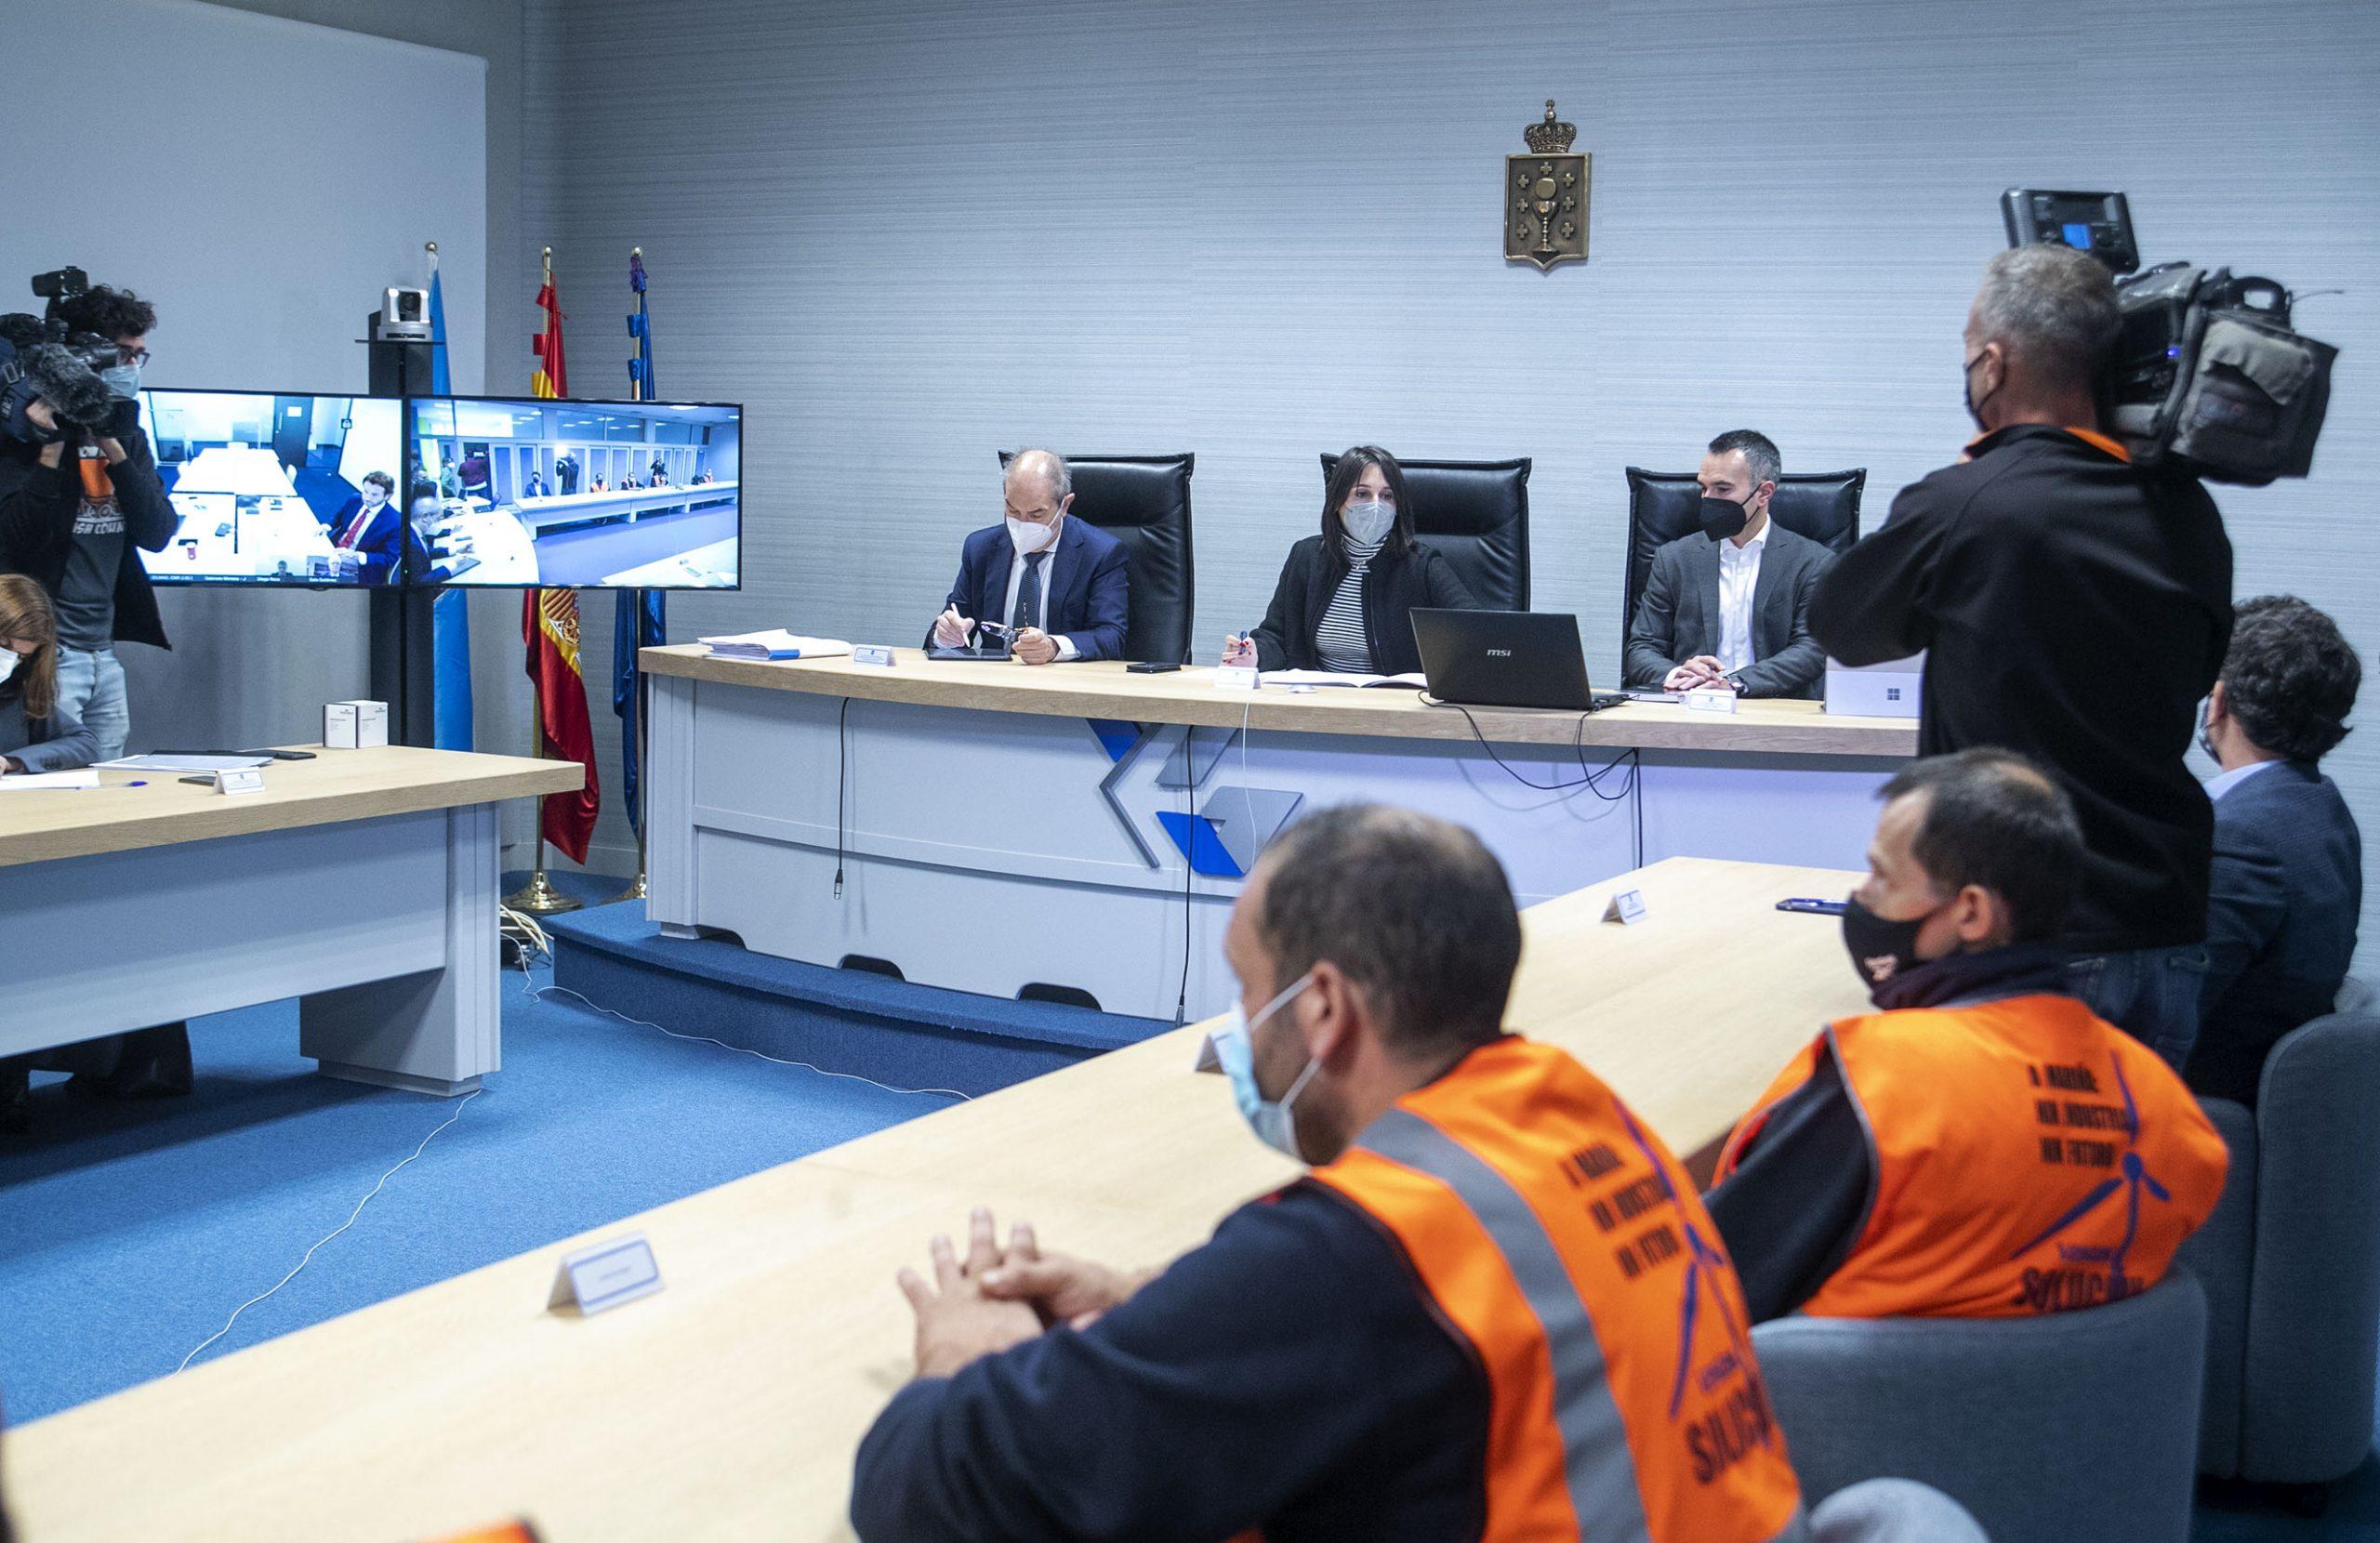 A Xunta iniciou contactos con empresas para buscar posible comprador para a fábrica de Viveiro, pero dubida das intencións reais de Vestas